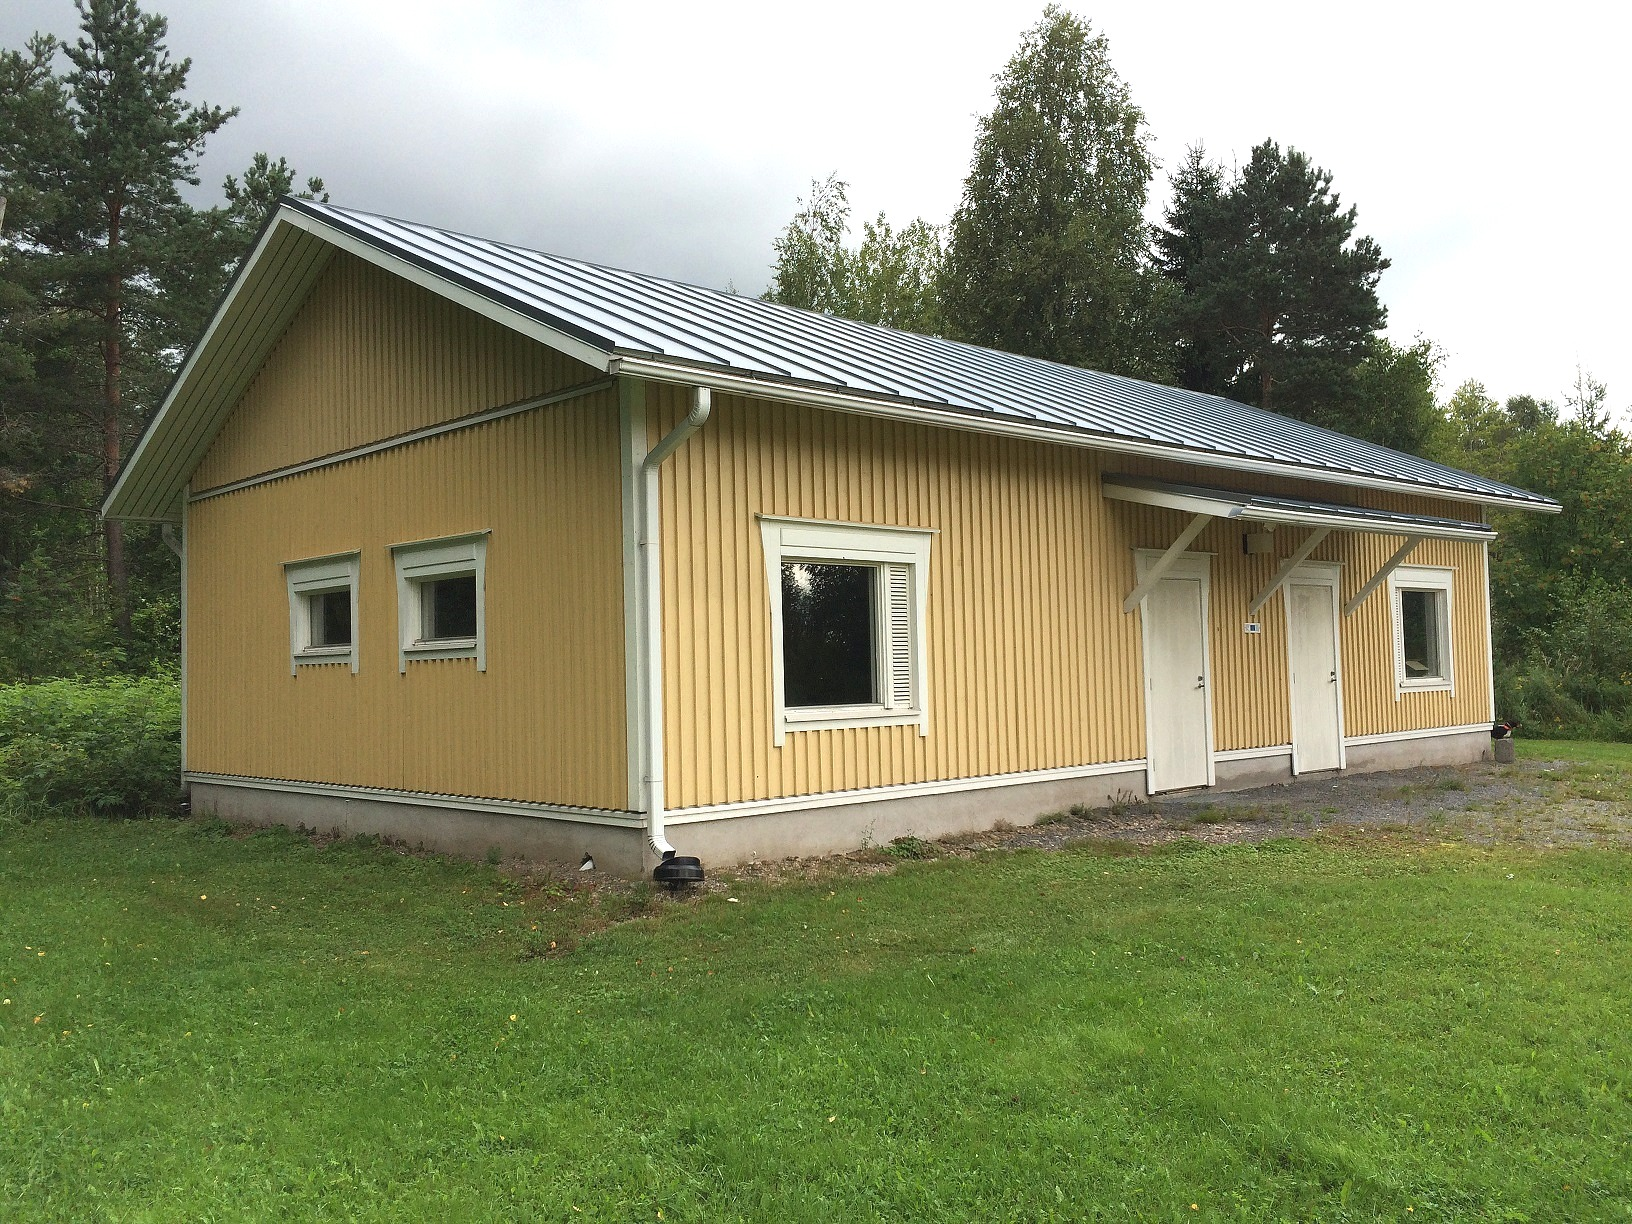 År 2003 byggde föreningens medlemmar denna förrådsbyggnad på talko, på samma ställe där det gamla uthuset stod.